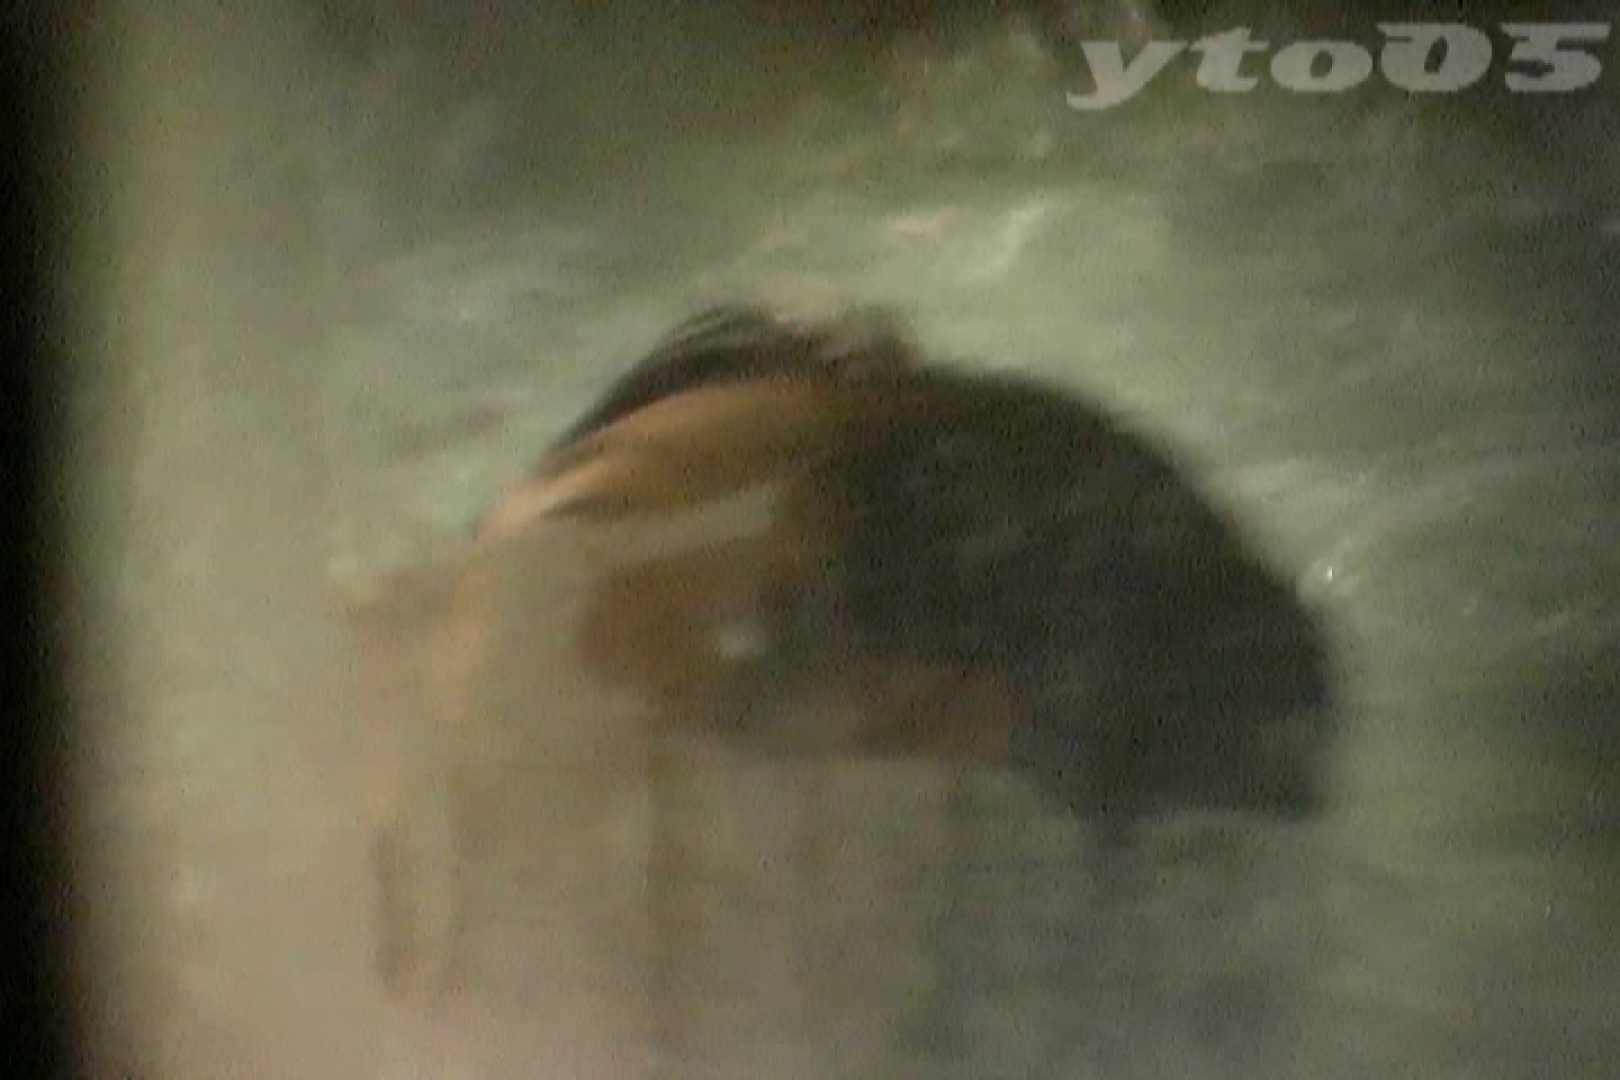 ▲復活限定▲合宿ホテル女風呂盗撮 Vol.30 女風呂  77画像 64